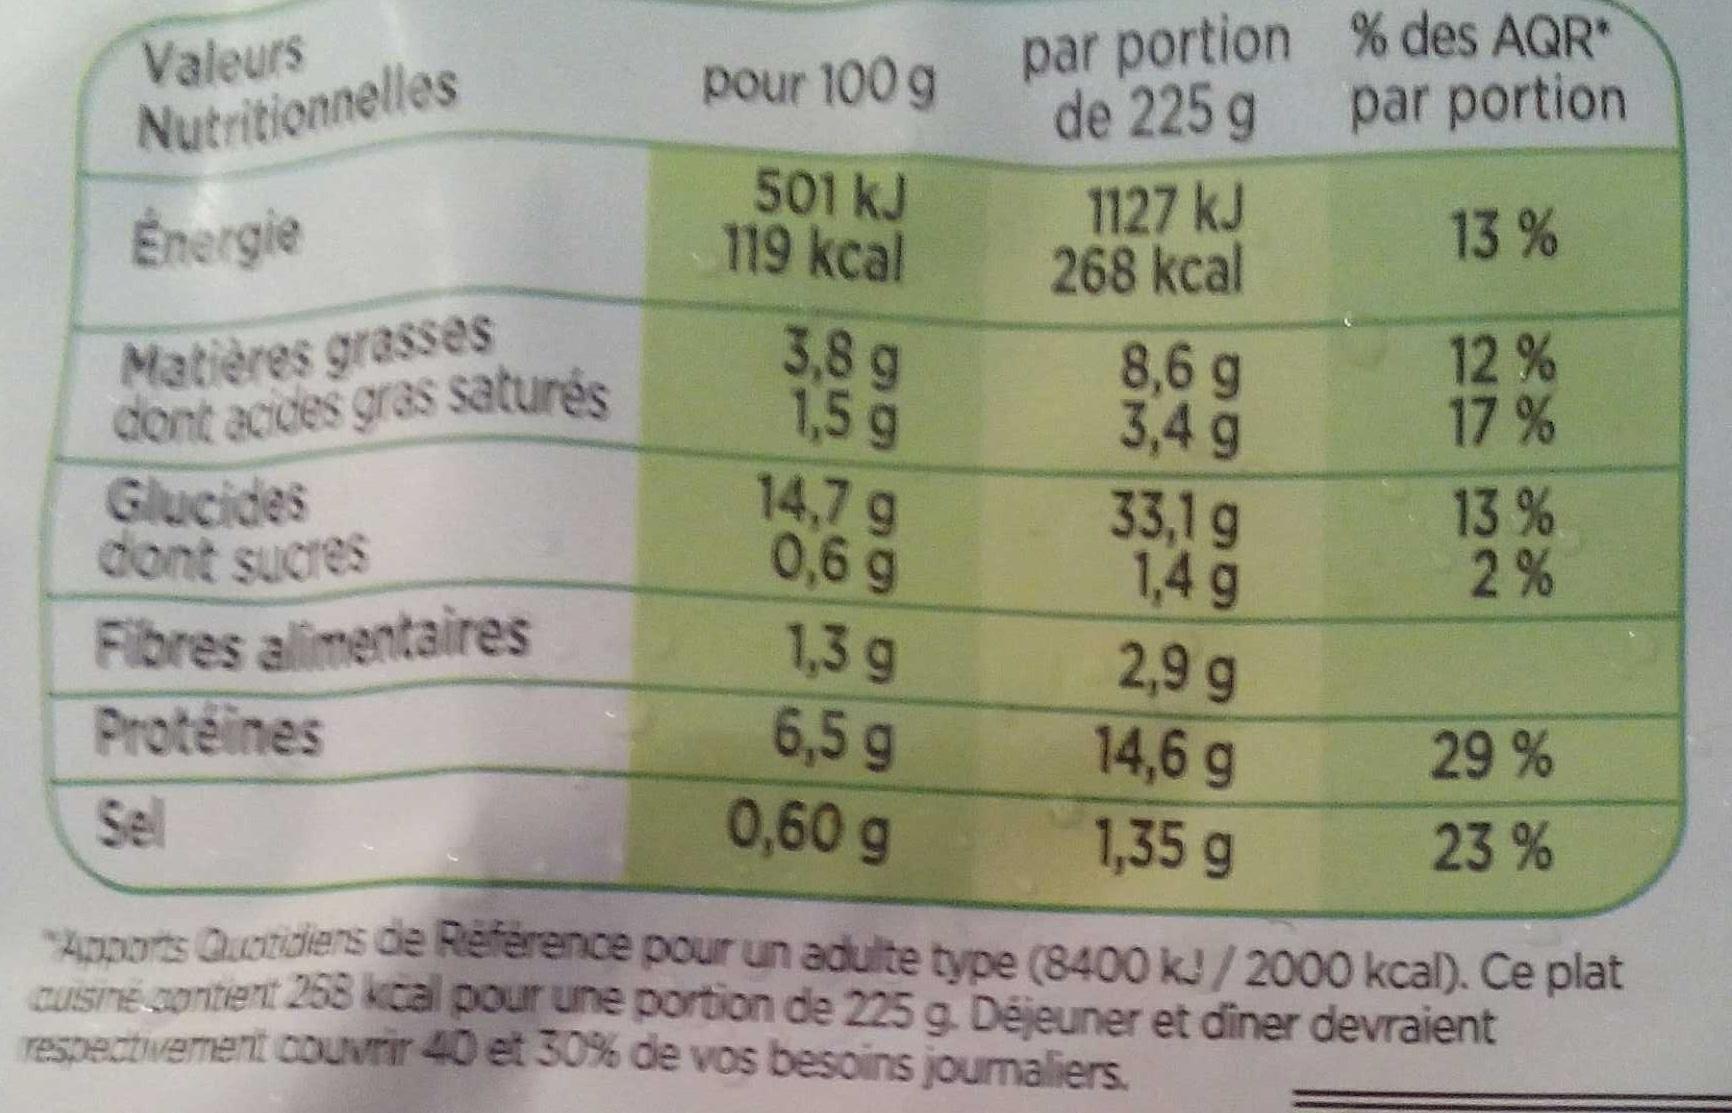 Poulet rôti, Pomme de terre fondantes - Informations nutritionnelles - fr